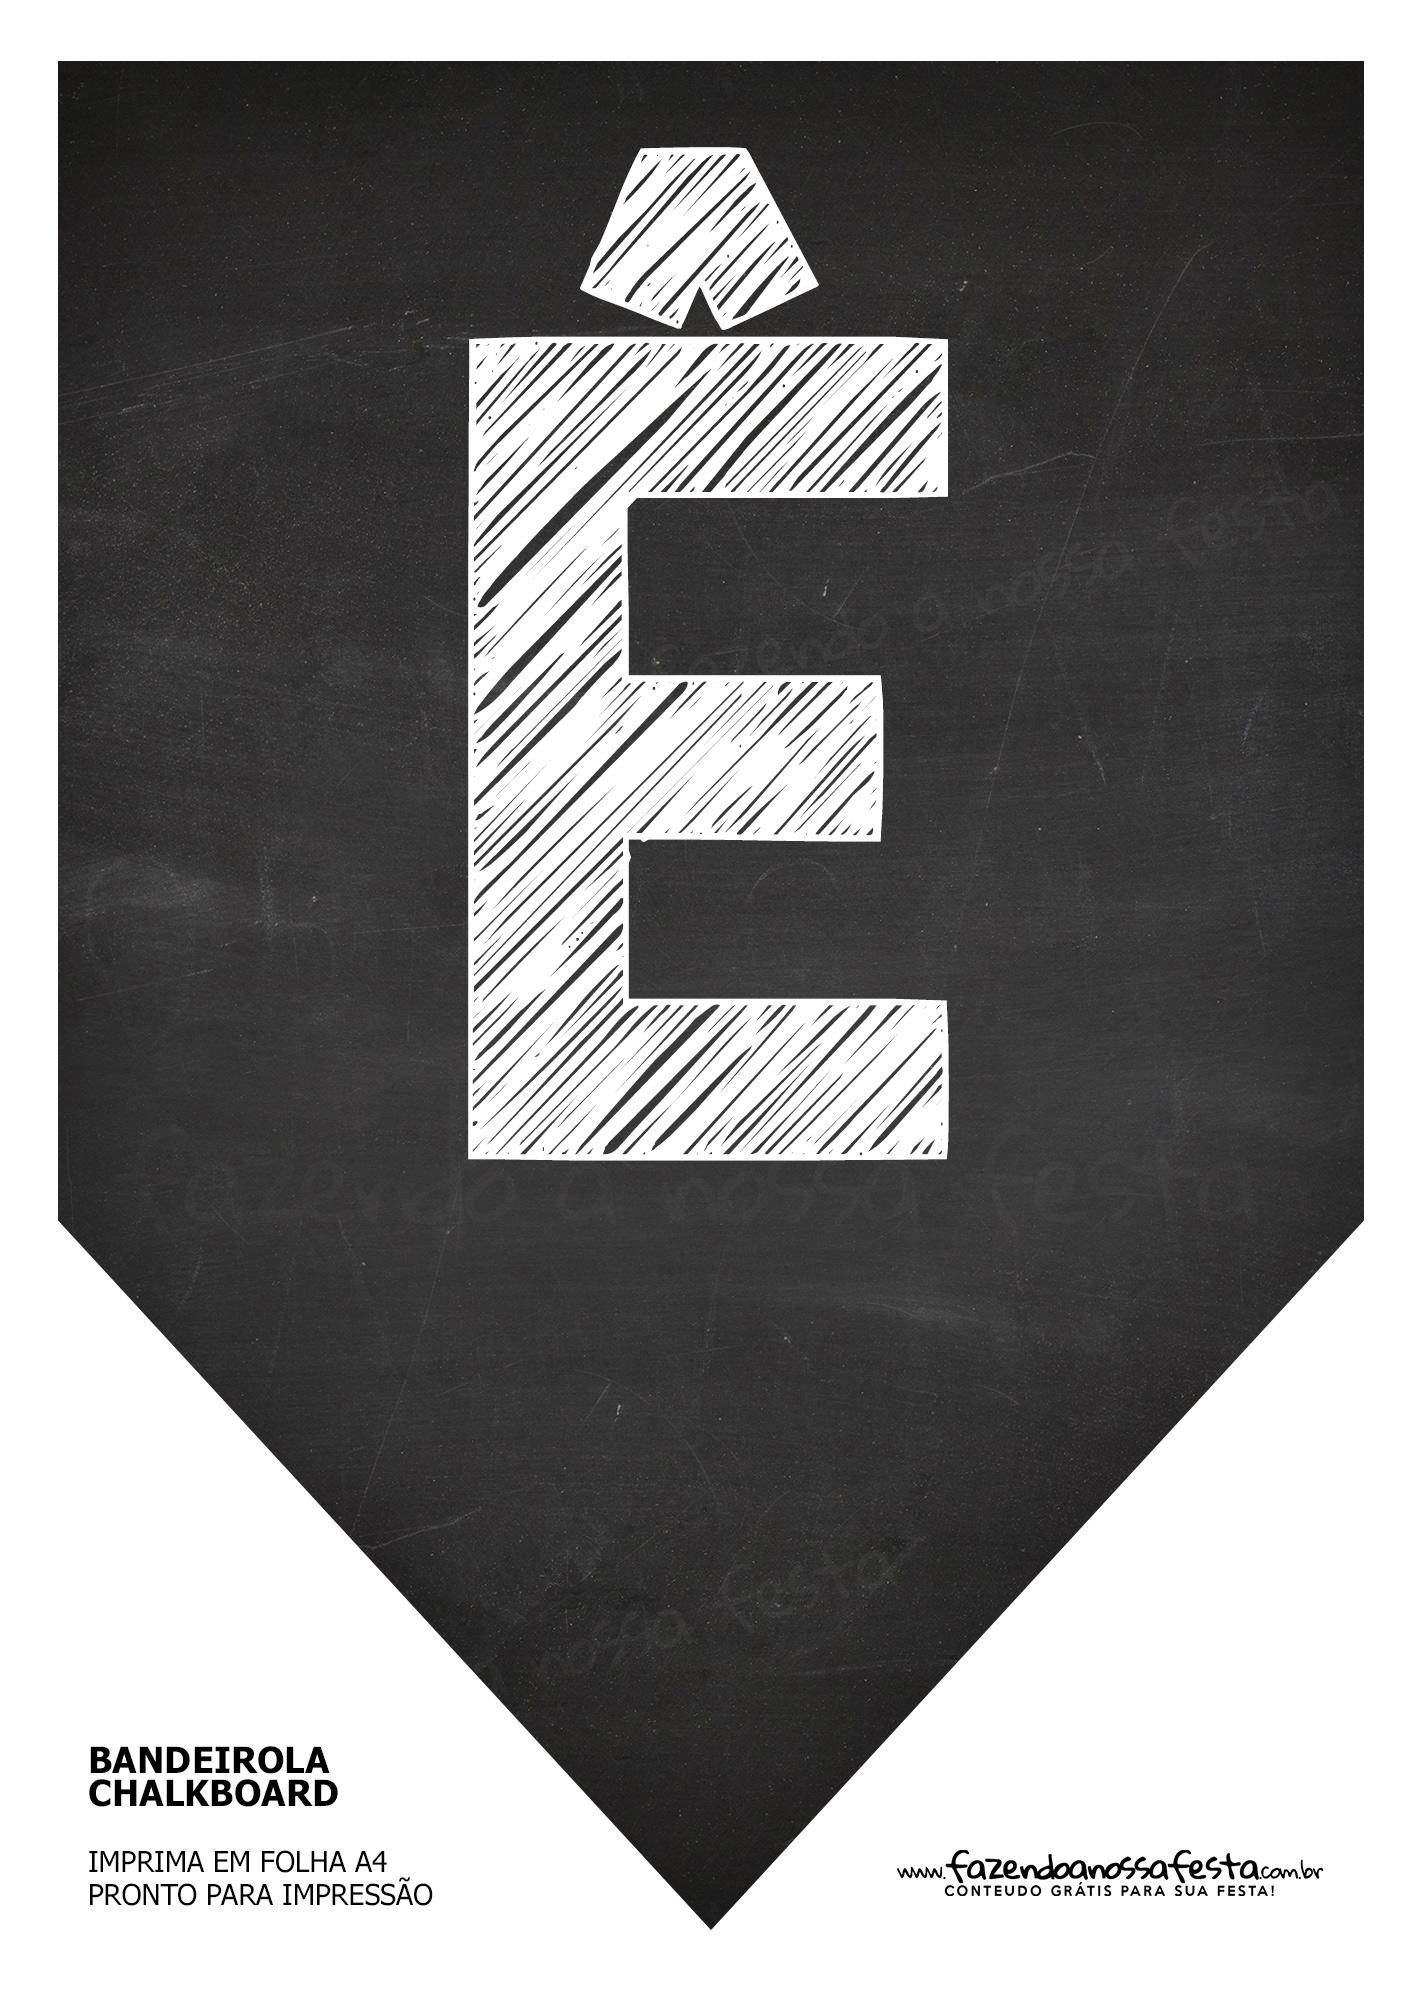 Bandeirinha Chalkboard ê